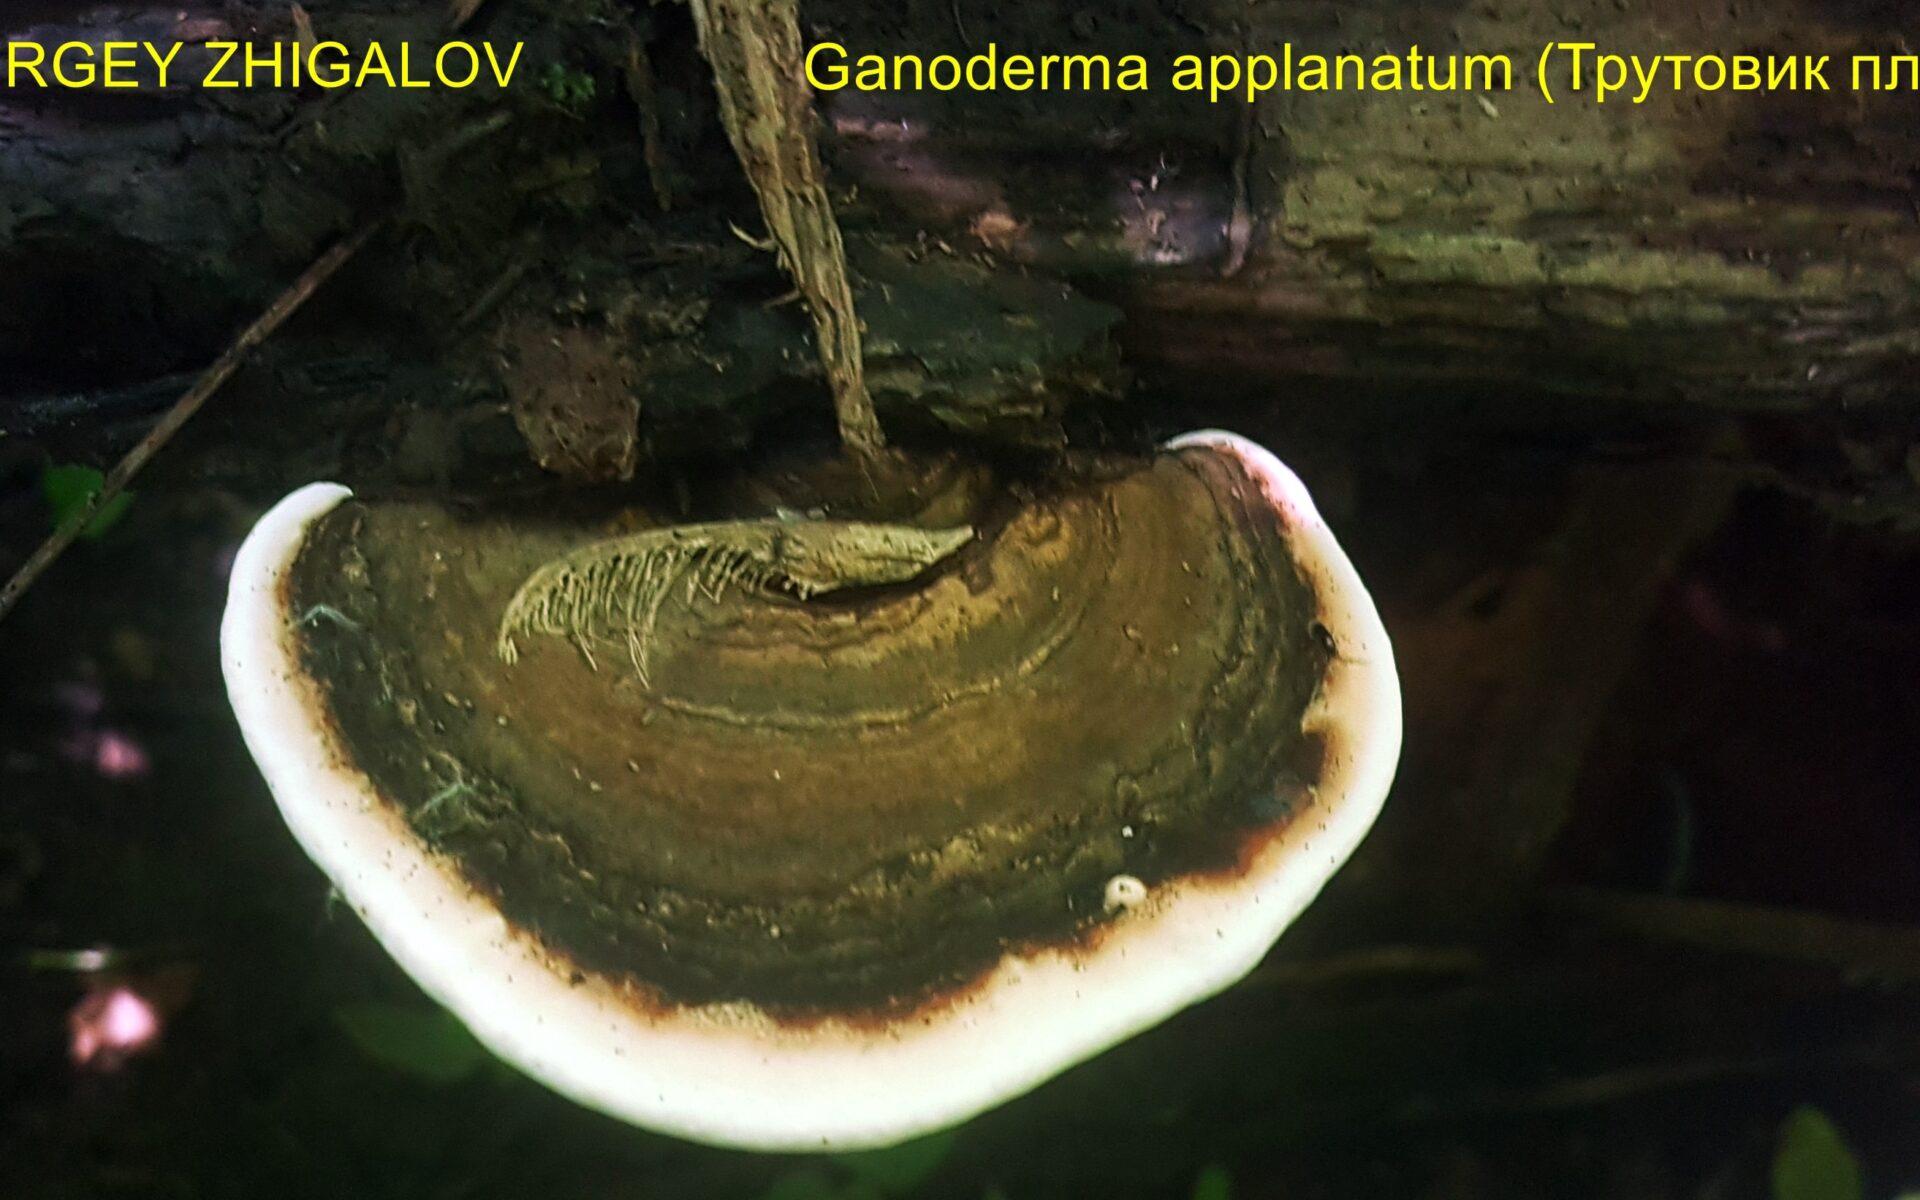 Трутовик плоский Ganoderma applanatum